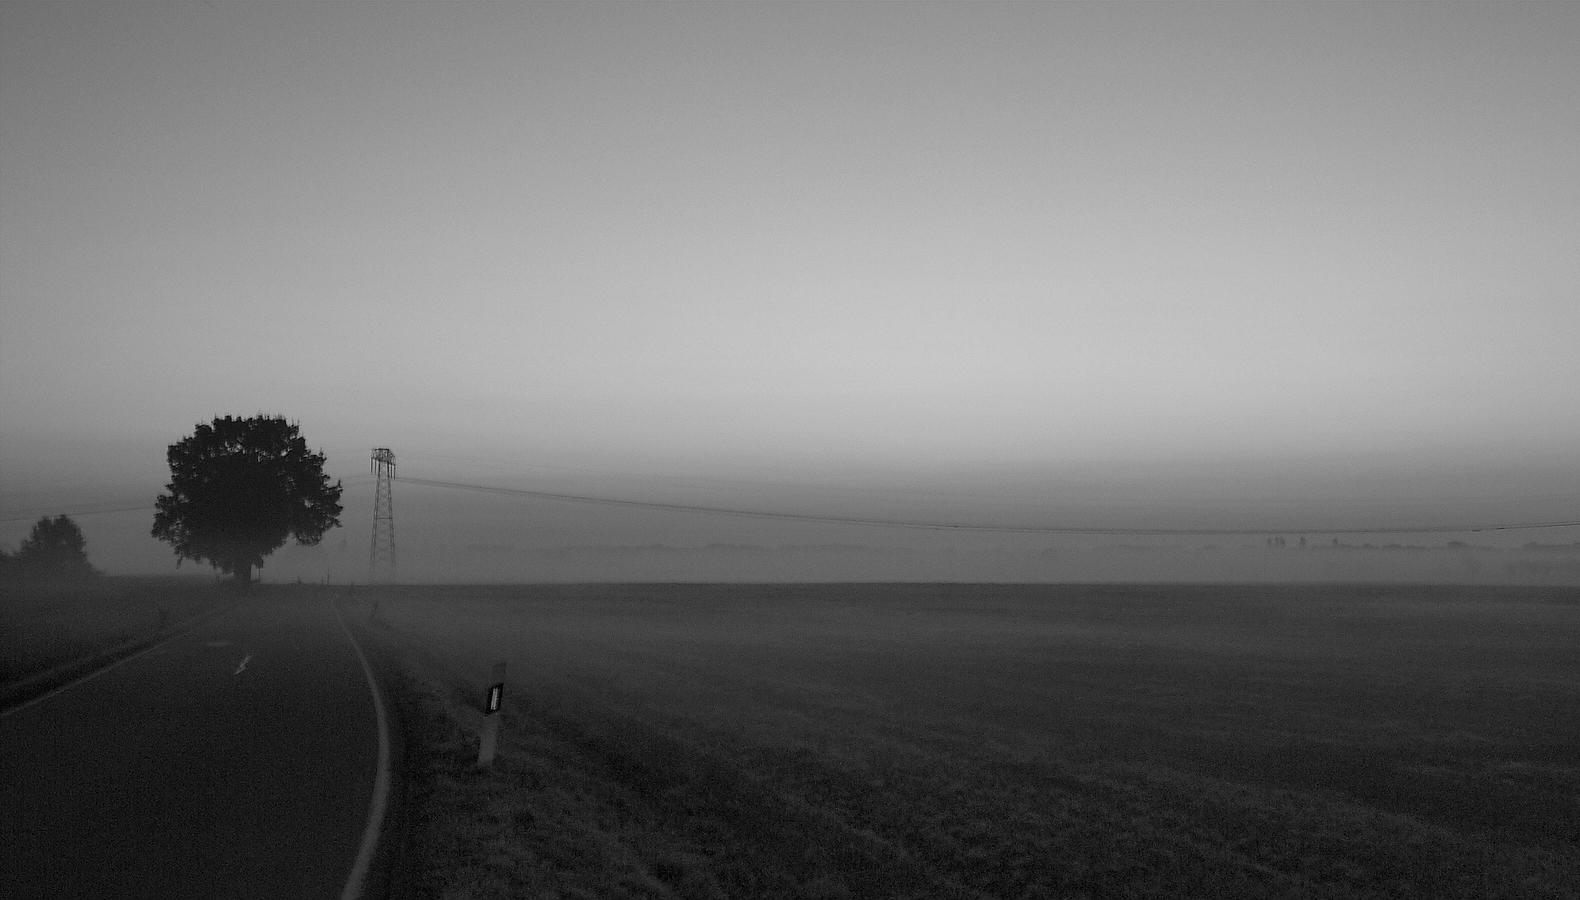 Landstraße - morgens auf dem Land